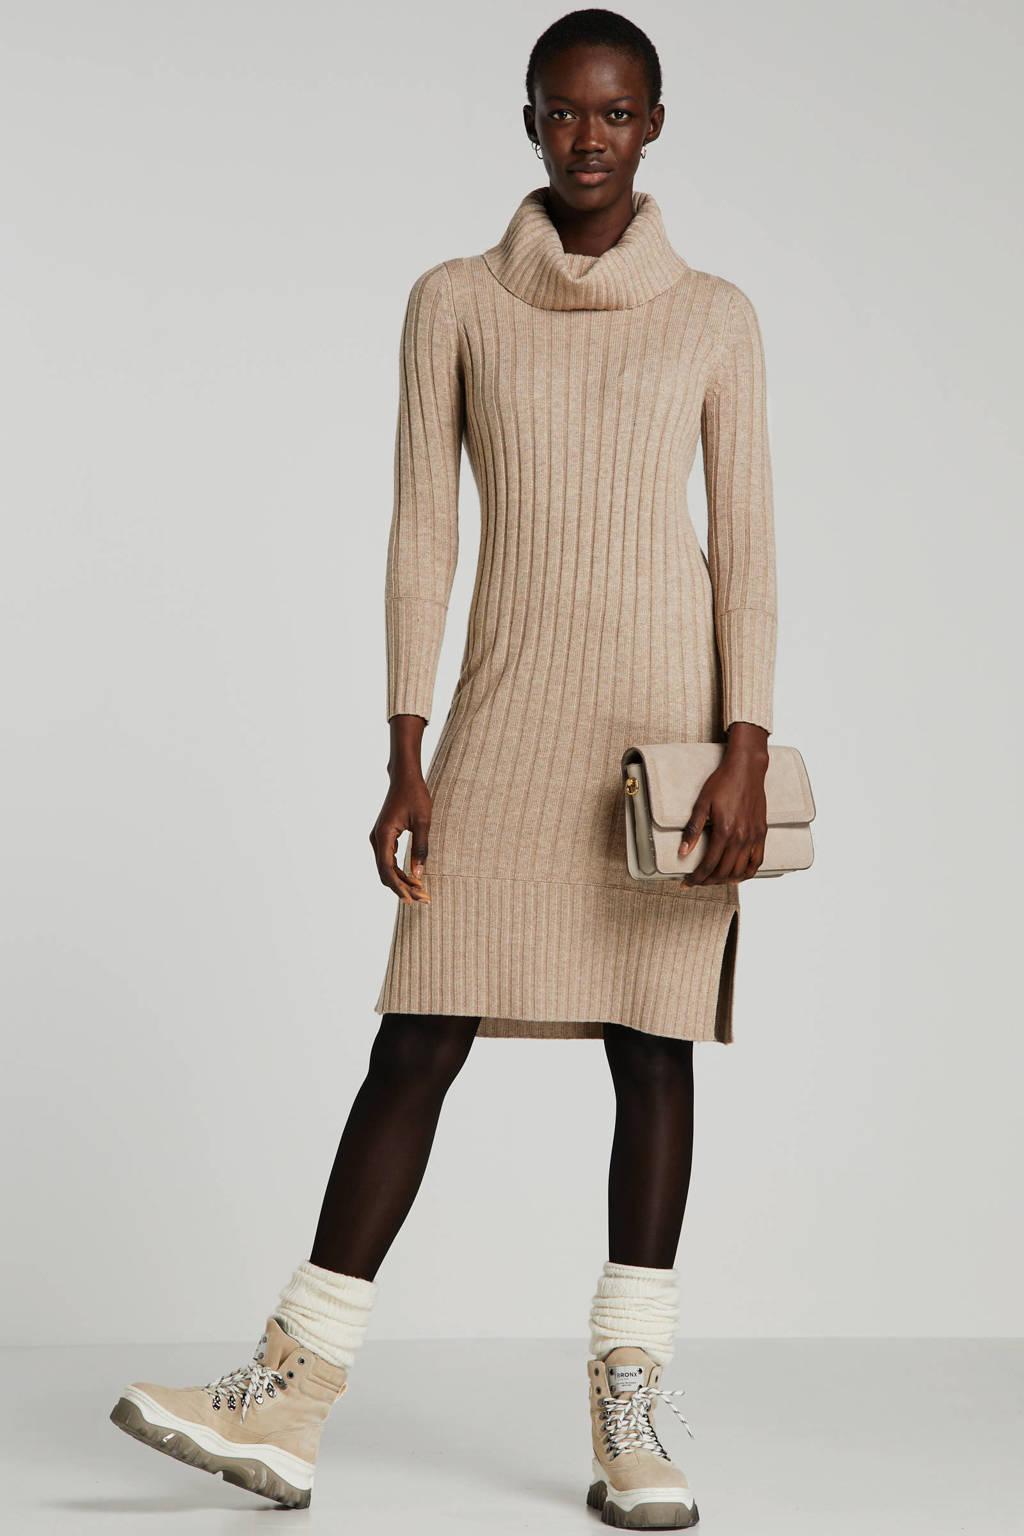 ESPRIT Women Casual ribgebreide jurk beige, Beige